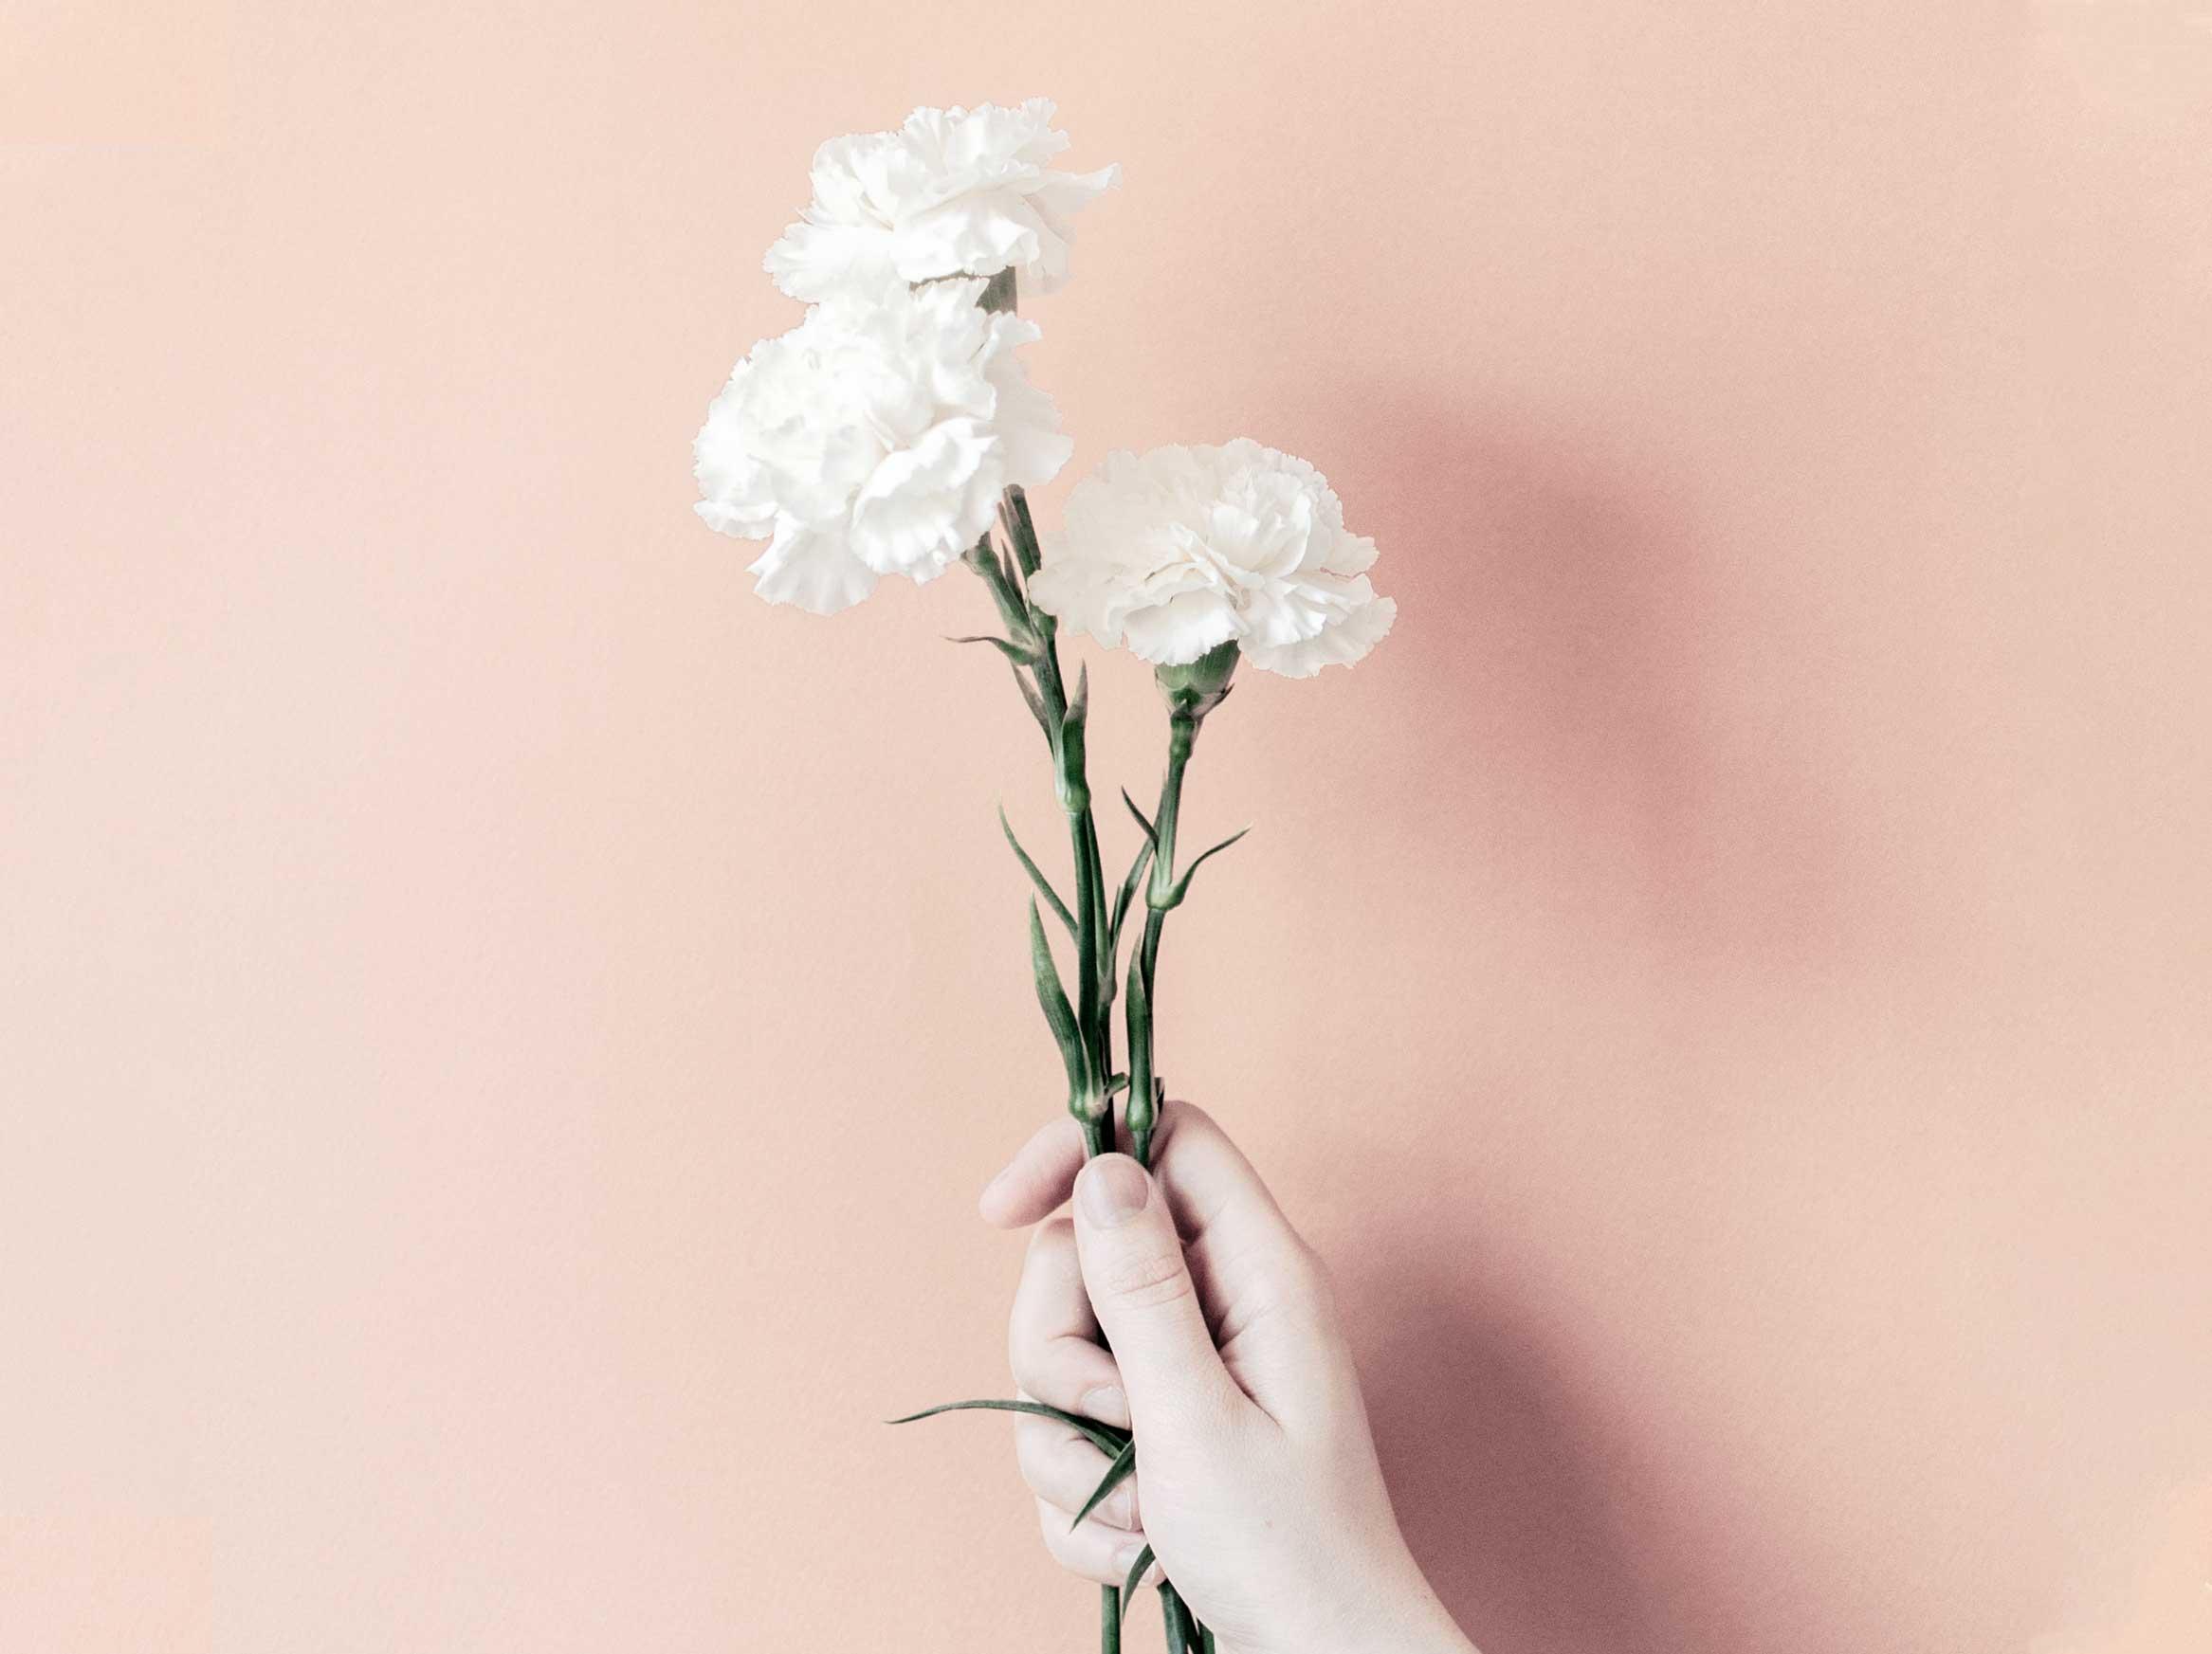 mano con mazzo di fiori consulenze social business bloomie asti